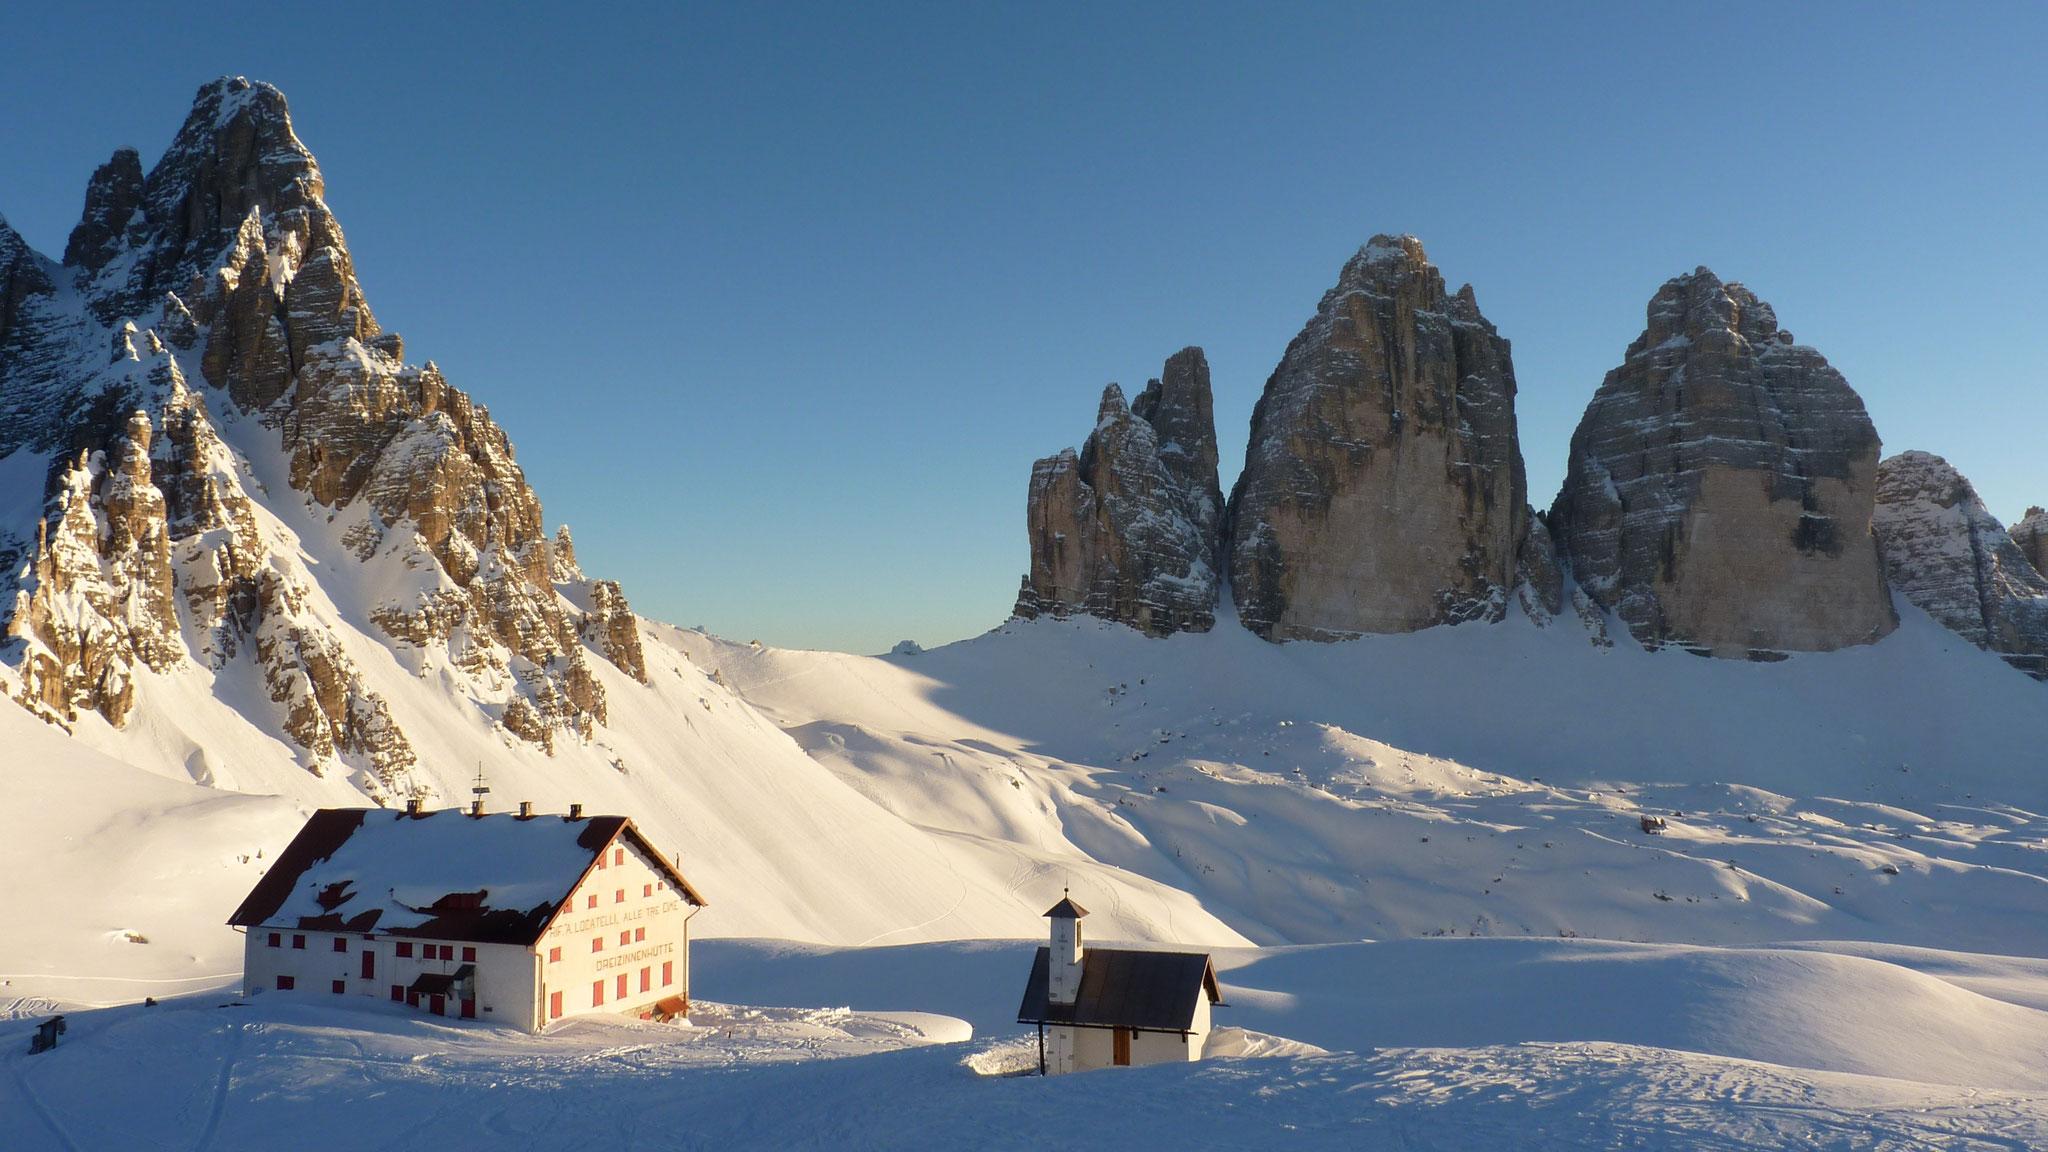 Die Nordseite der Drei Zinnen im Winter © Fritz Miller